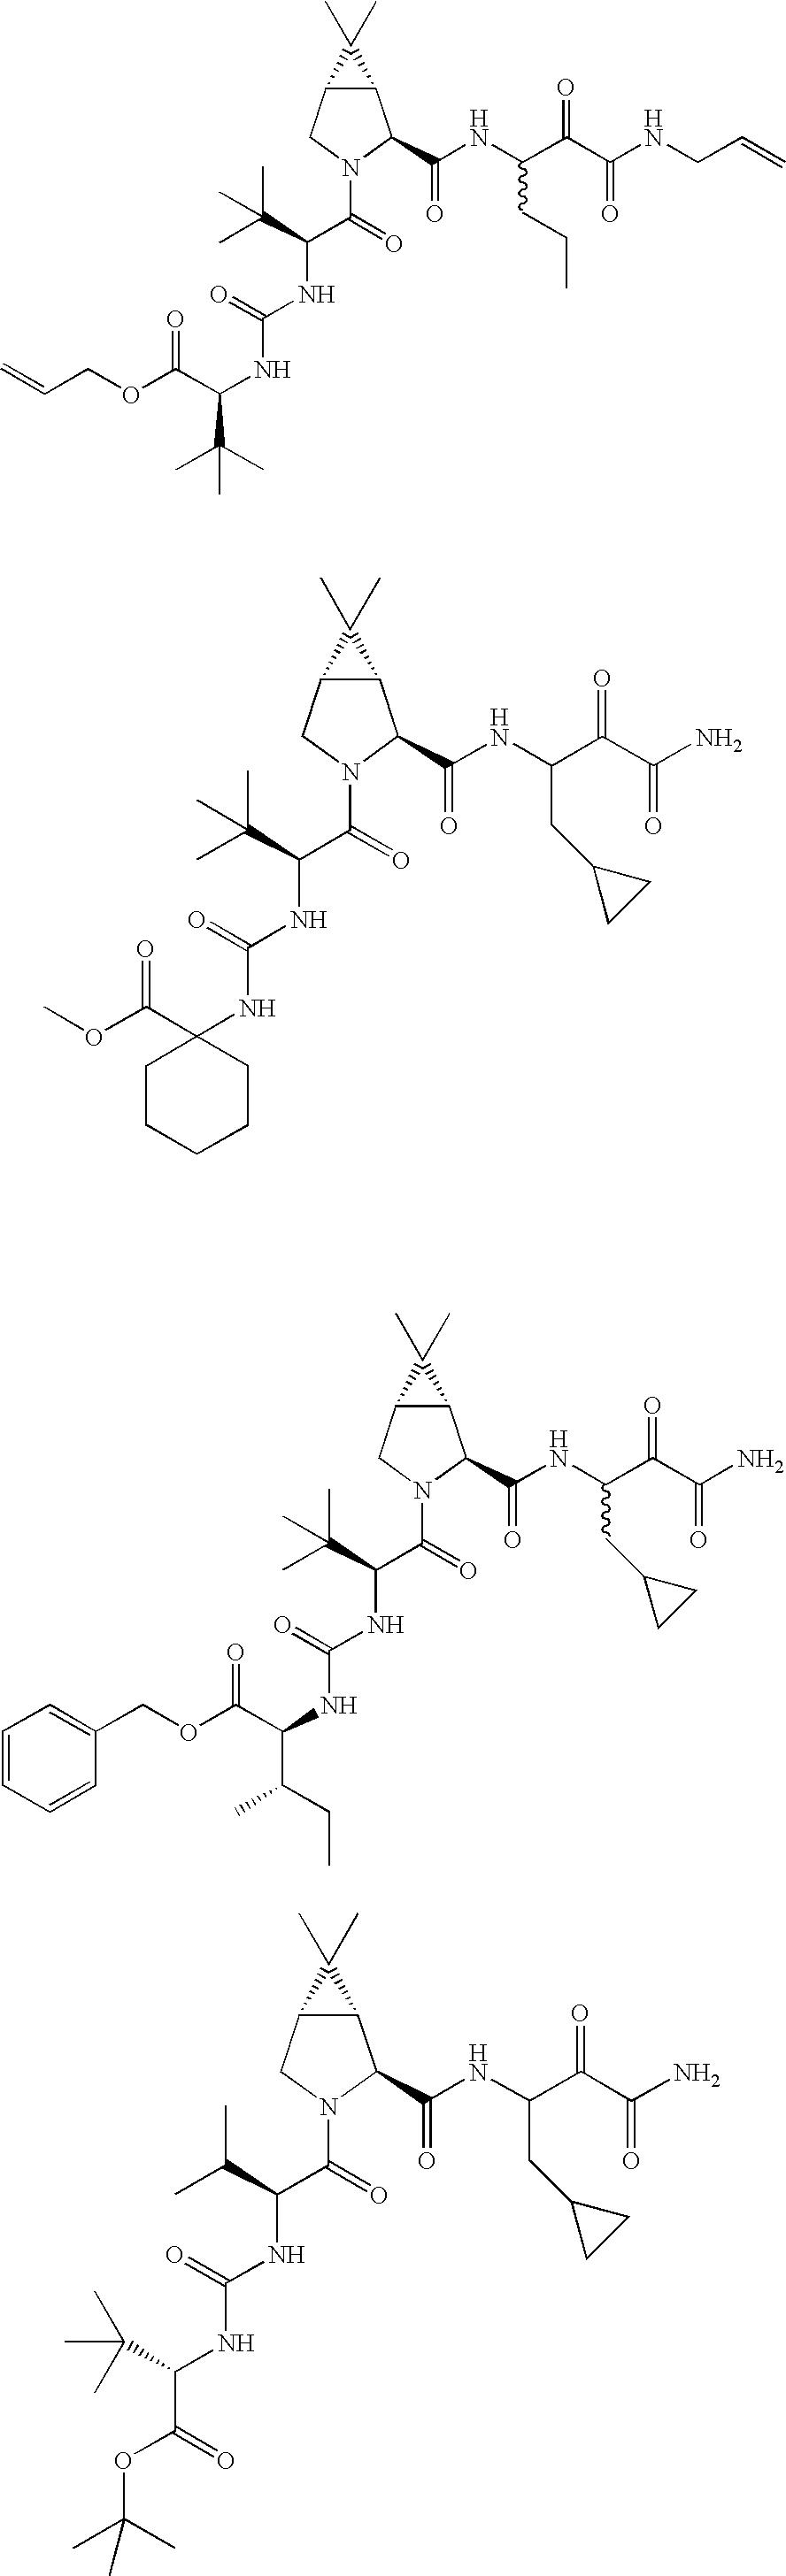 Figure US20060287248A1-20061221-C00275